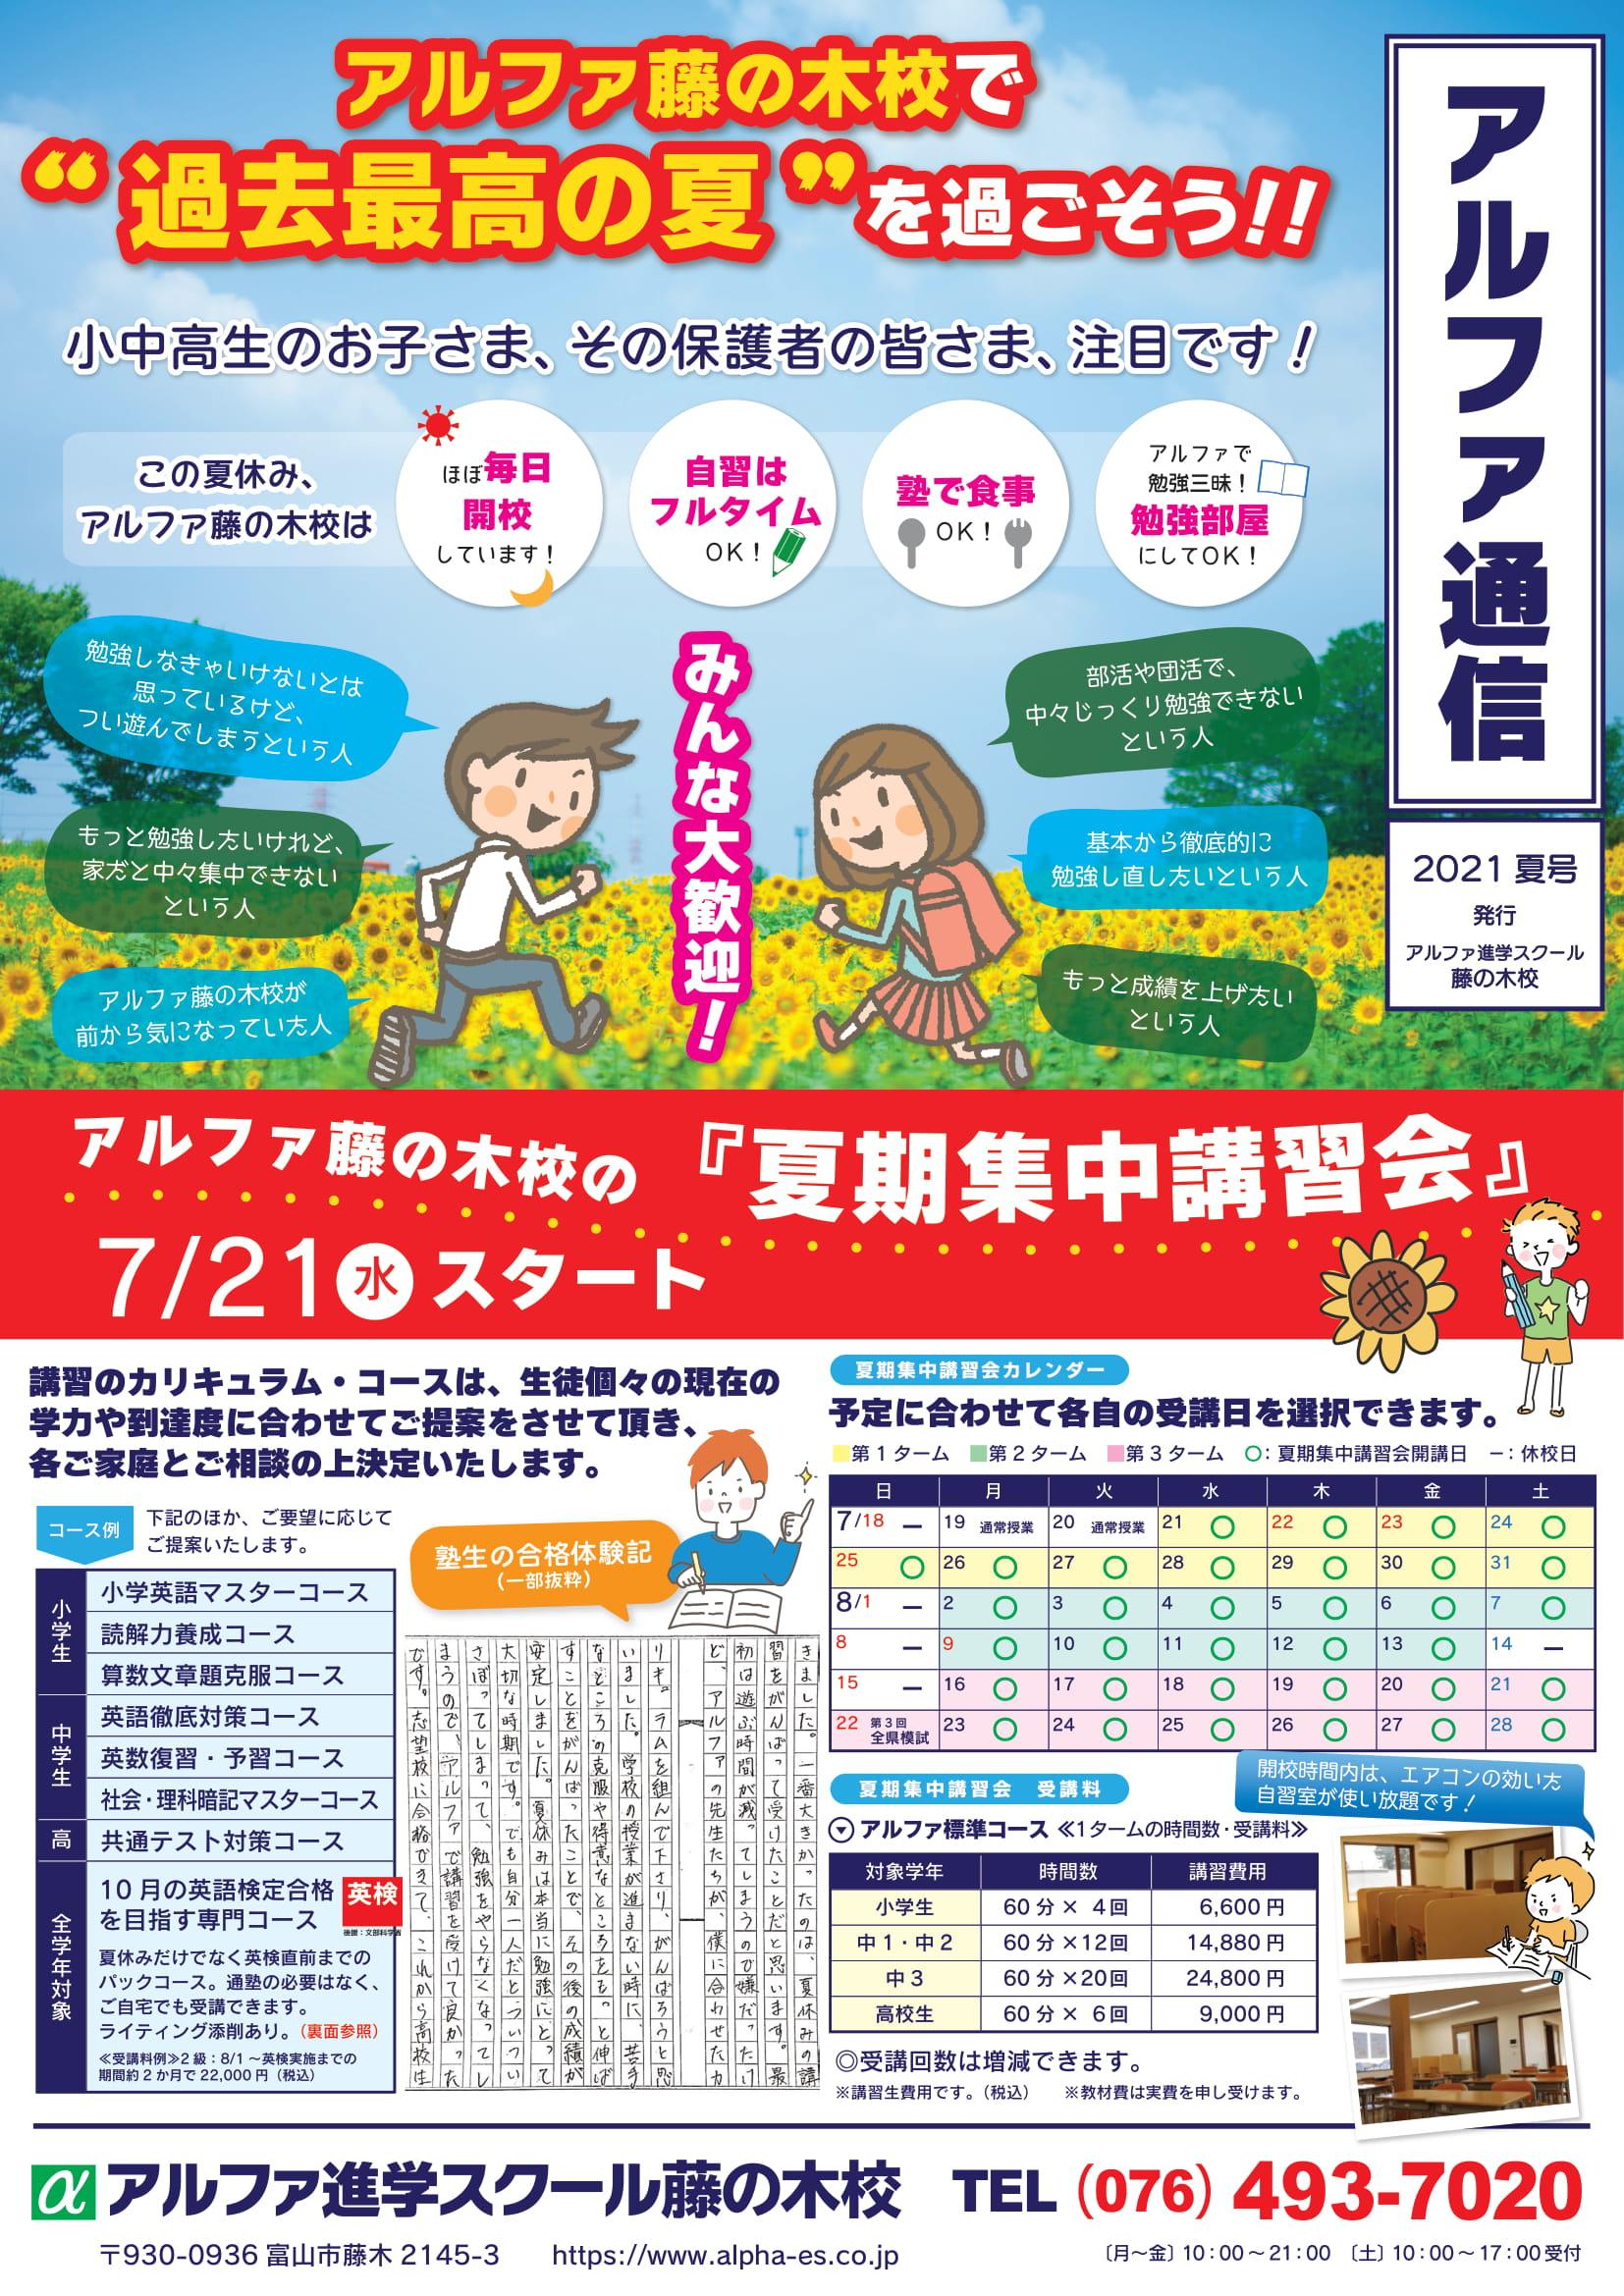 藤の木校で「過去最高の夏」を過ごそう!!